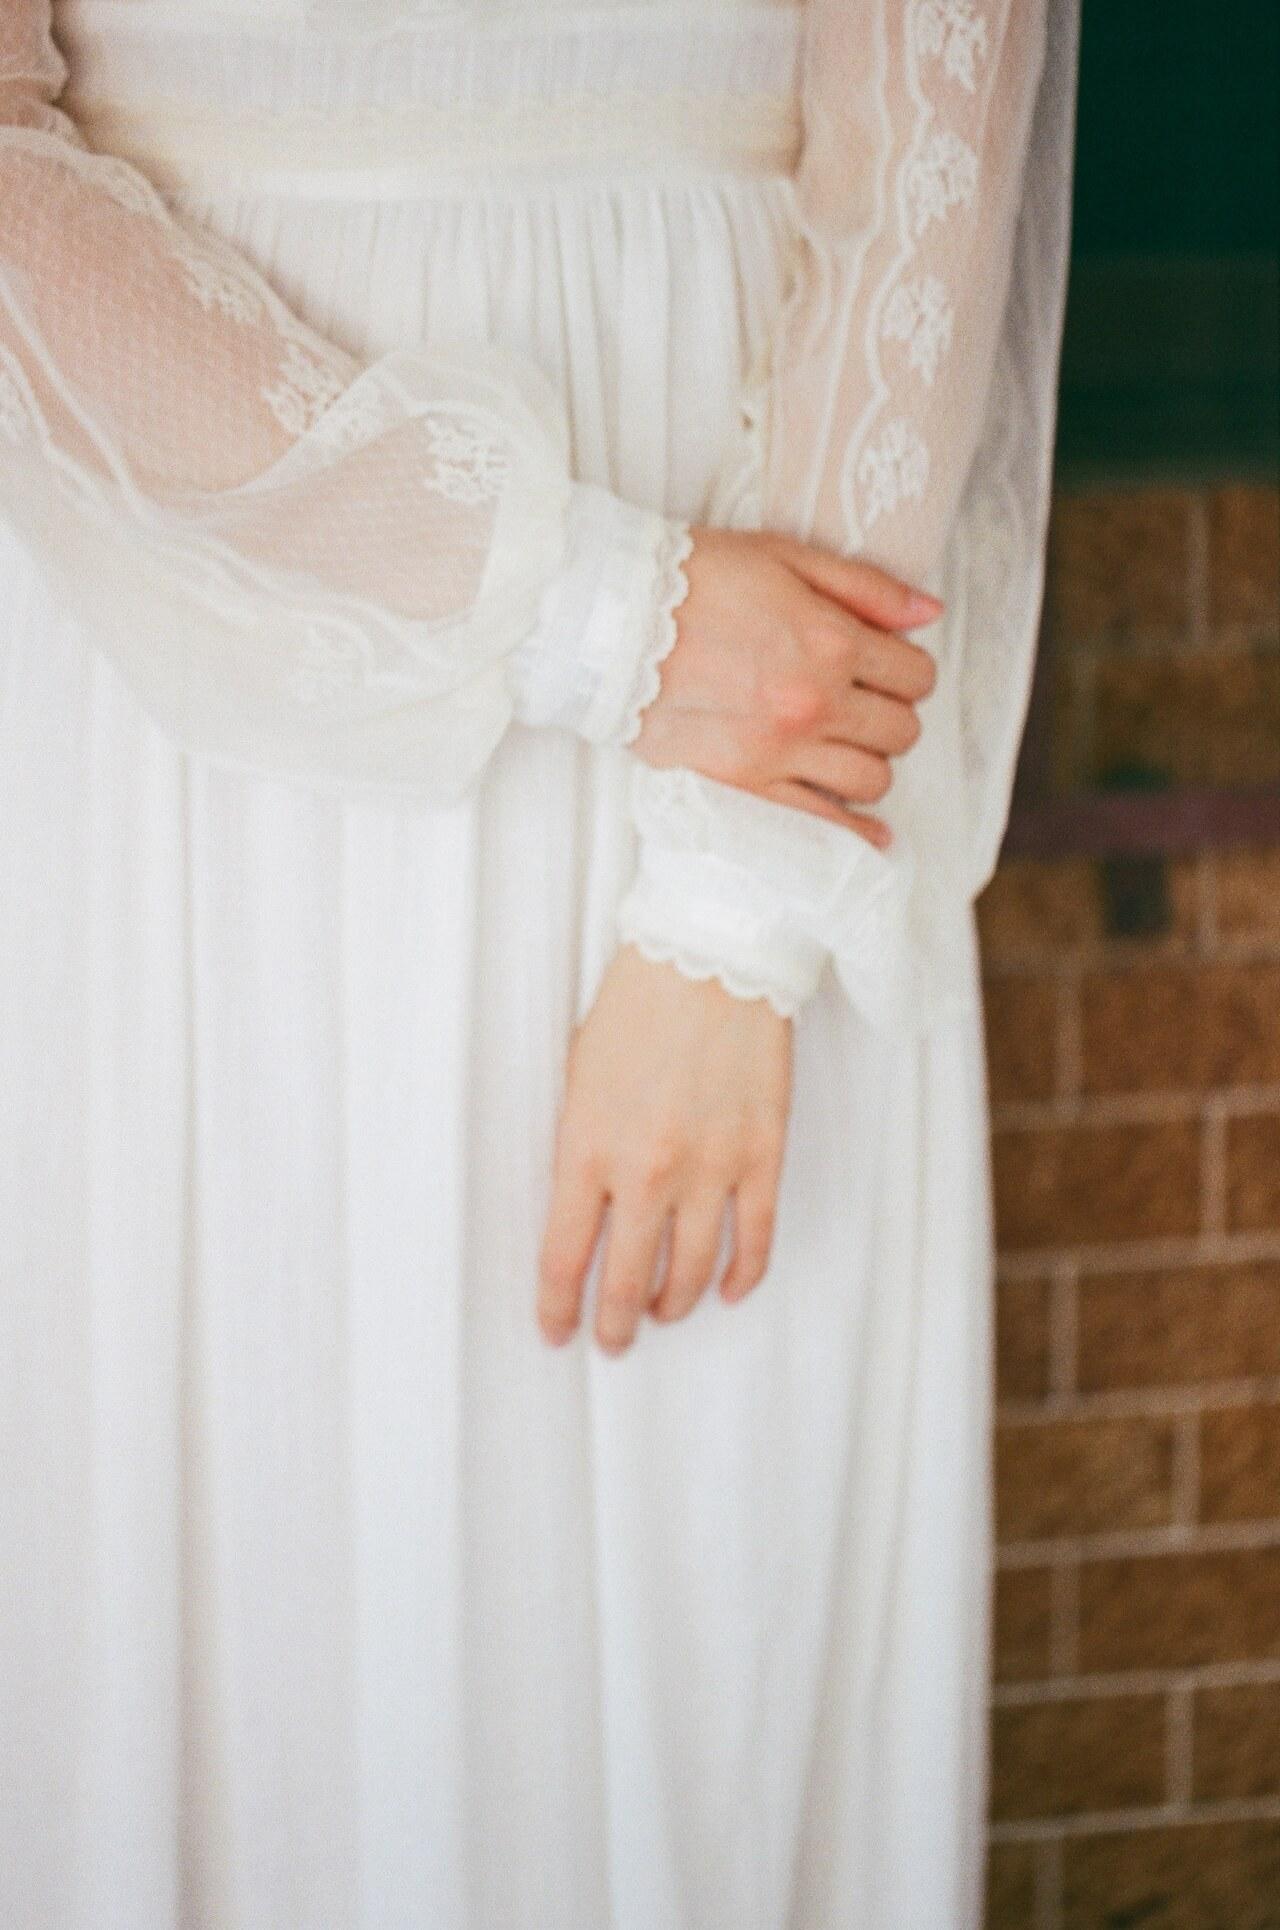 max fine art  攝影工作室 最佳婚禮紀錄推薦 海外婚禮推薦 底片風格 戶外婚禮推薦 台北婚攝 婚攝推薦 推薦婚攝 - 0016 (複製).jpg